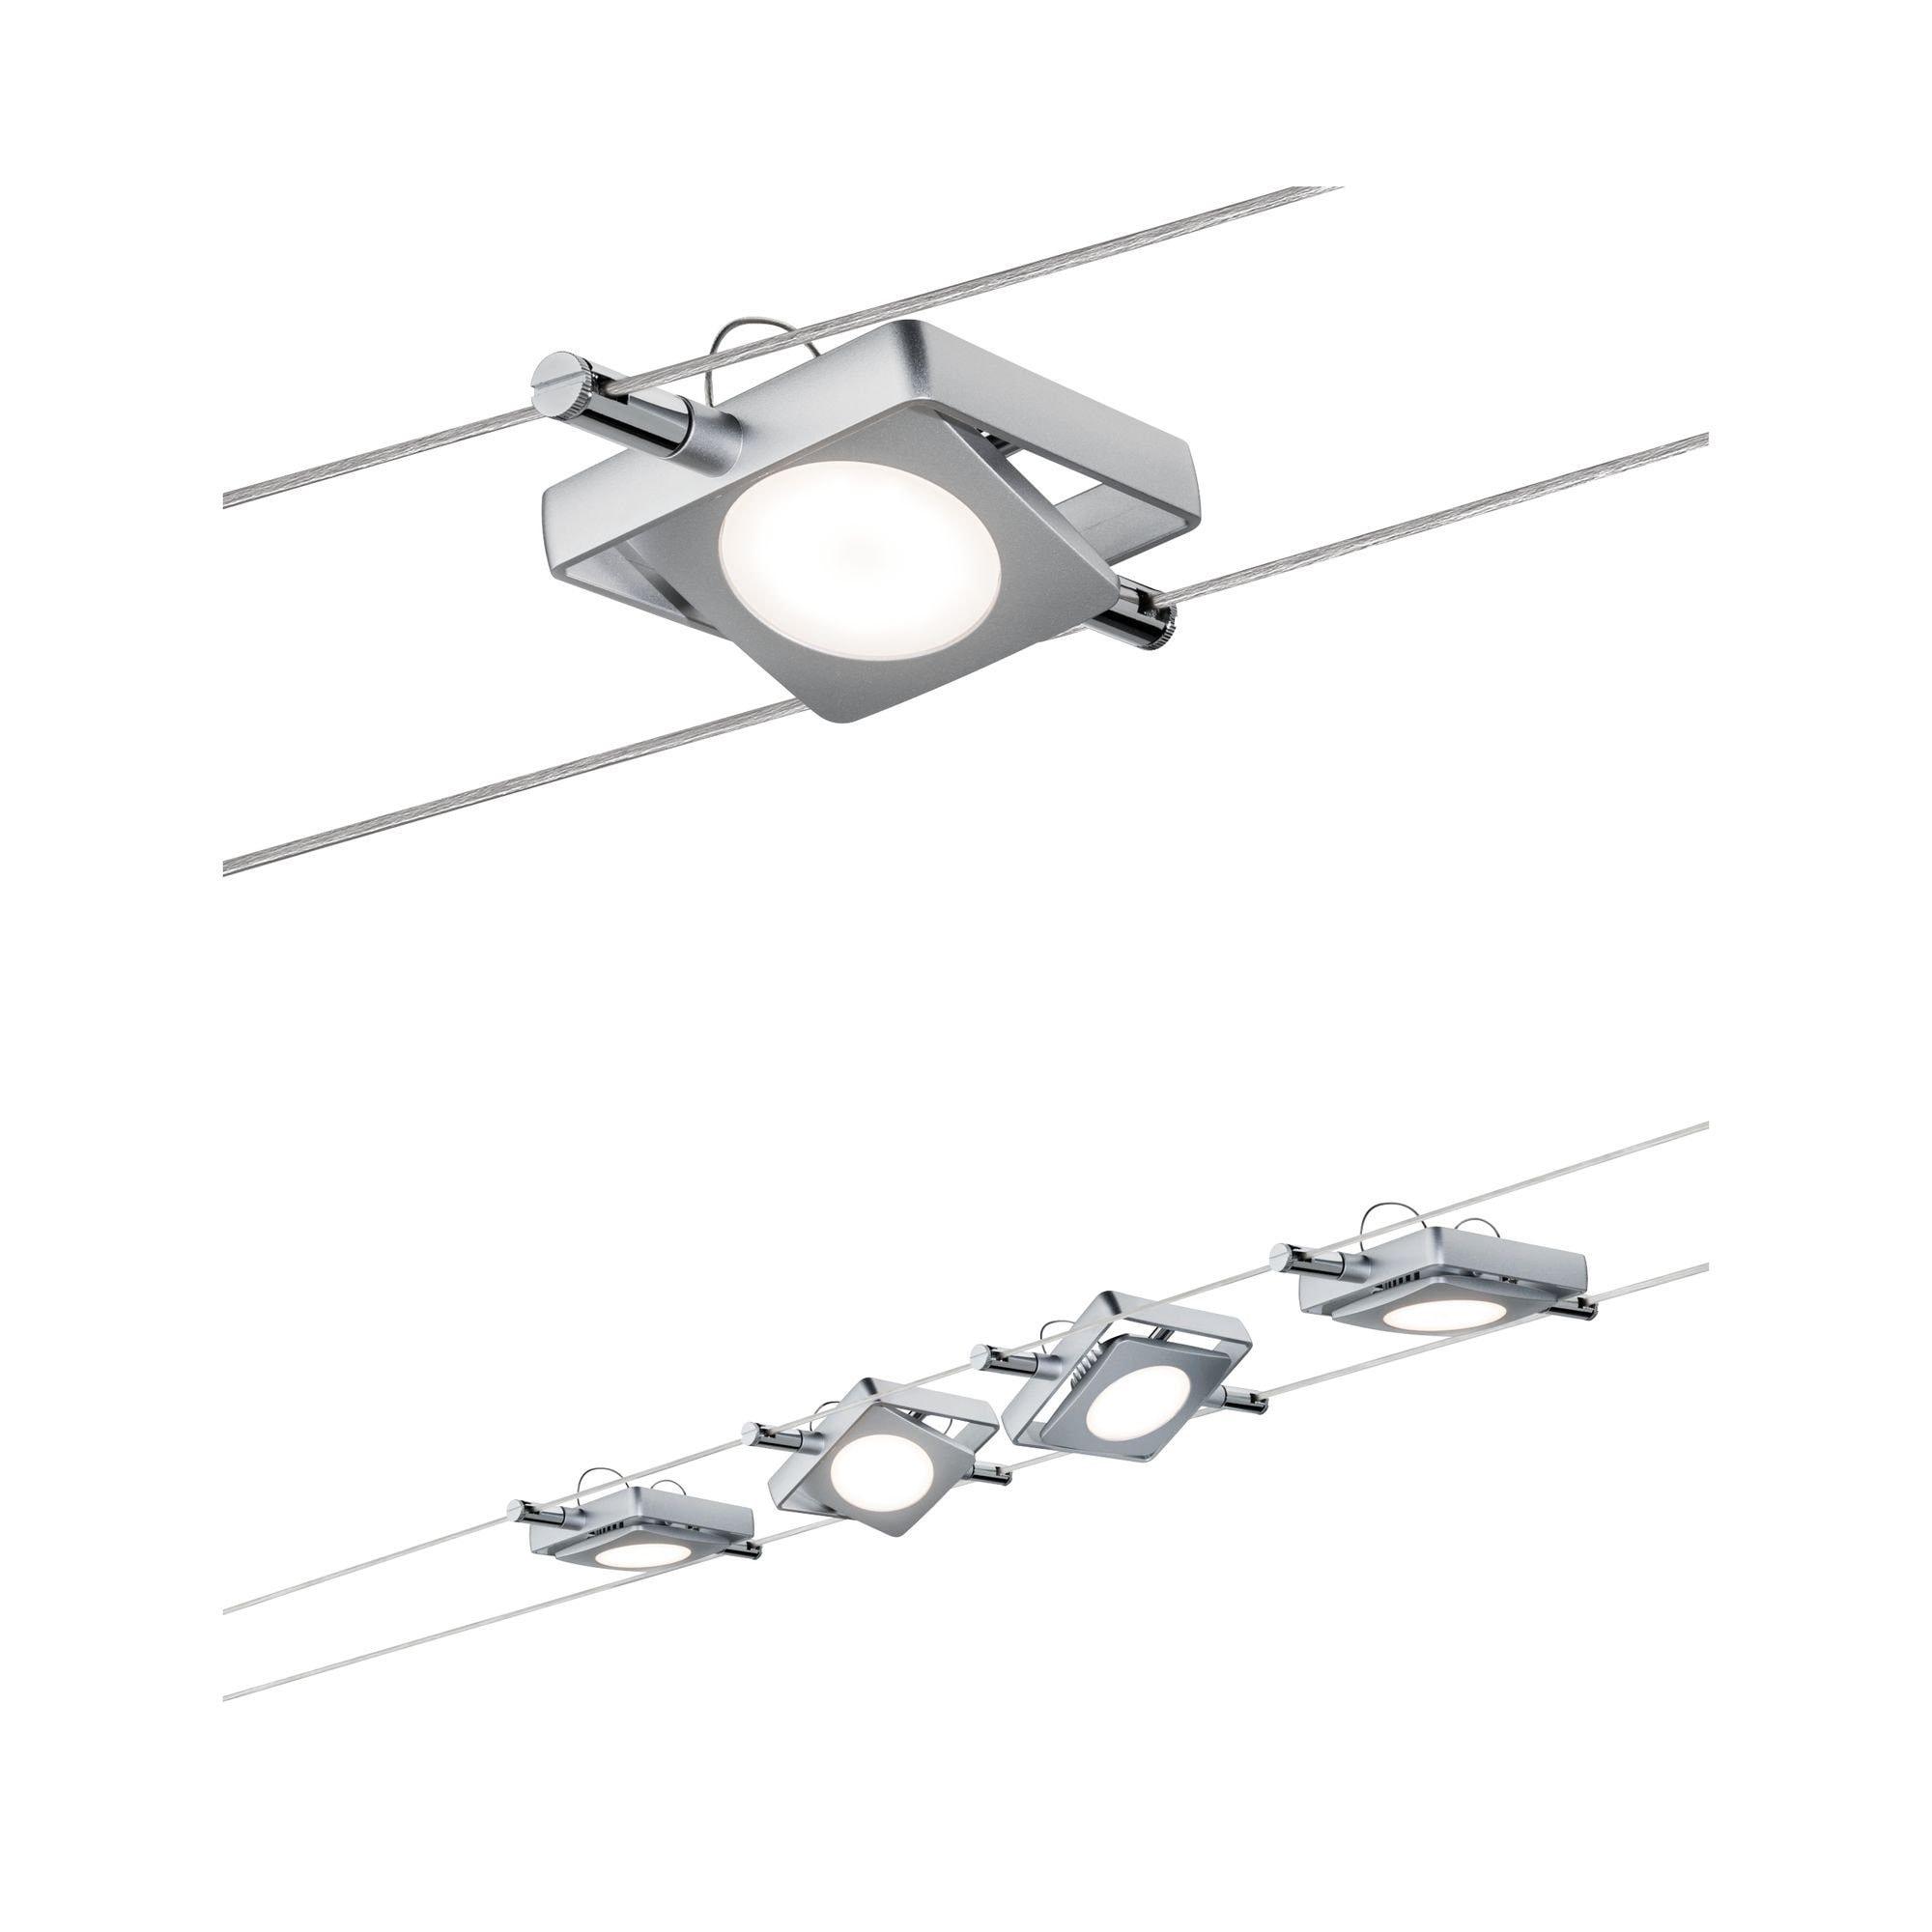 Paulmann LED Deckenleuchte Smart Seilleuchte MacLED 4x4W DC Chrom matt mit Weißlichtsteuerung, 1 St., Tageslichtweiß